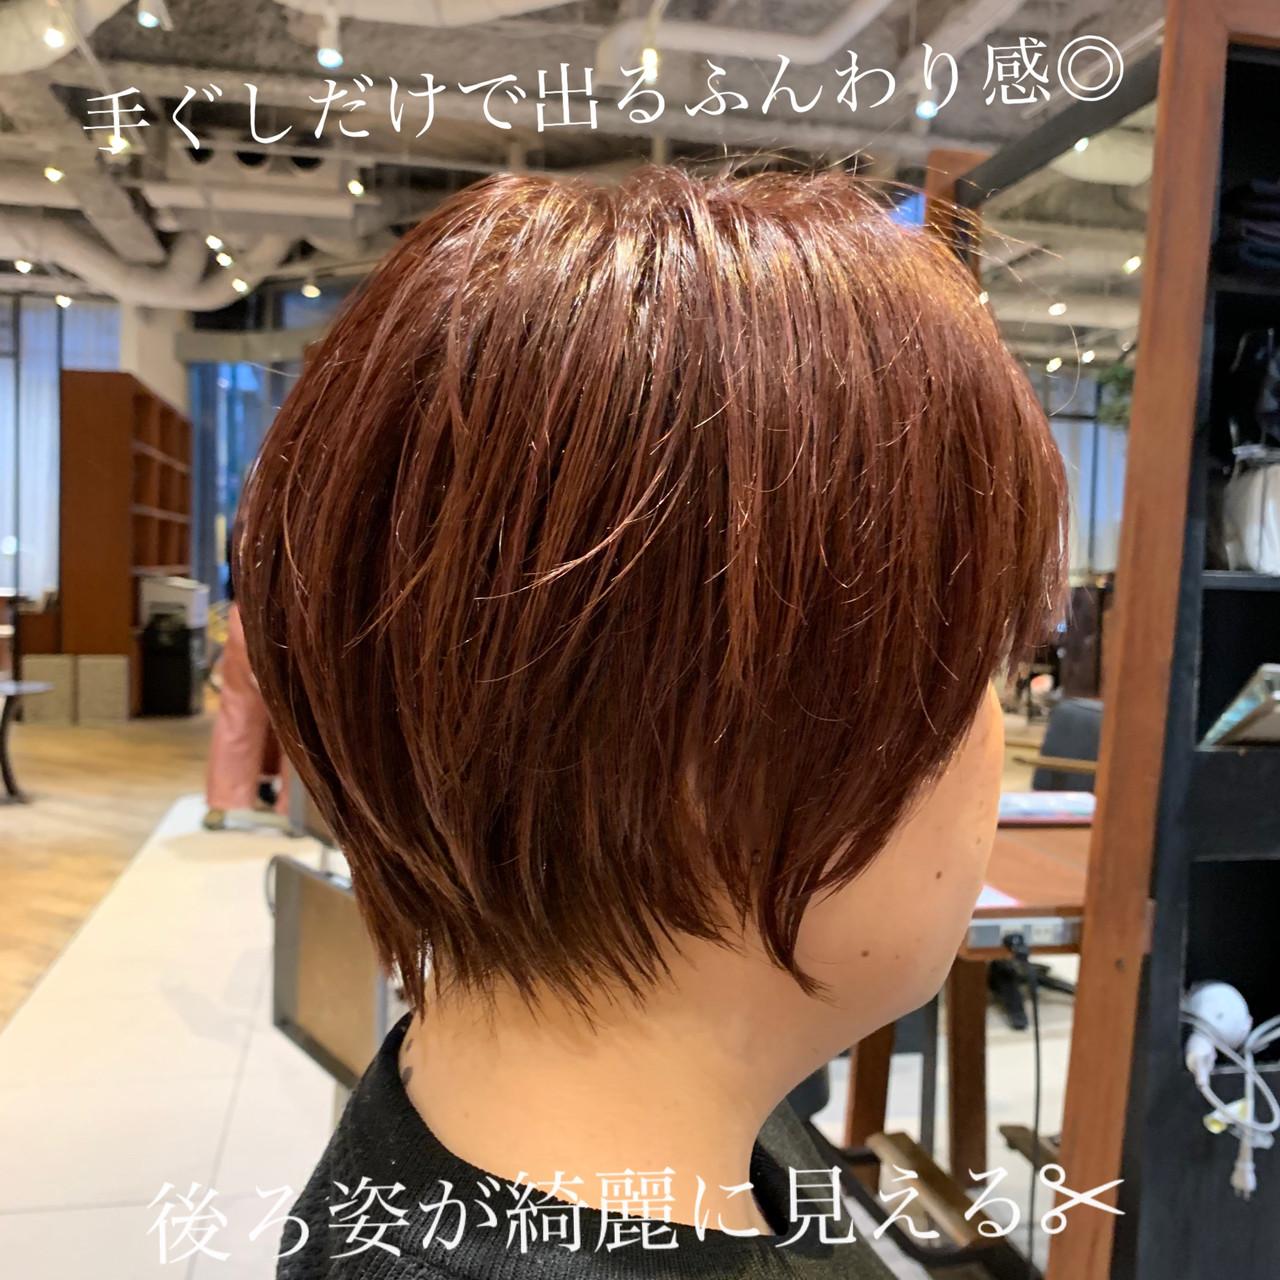 大人かわいい デート ナチュラル オフィス ヘアスタイルや髪型の写真・画像 | ショート ボブ/ 早田卓矢 / cocona hair maison+